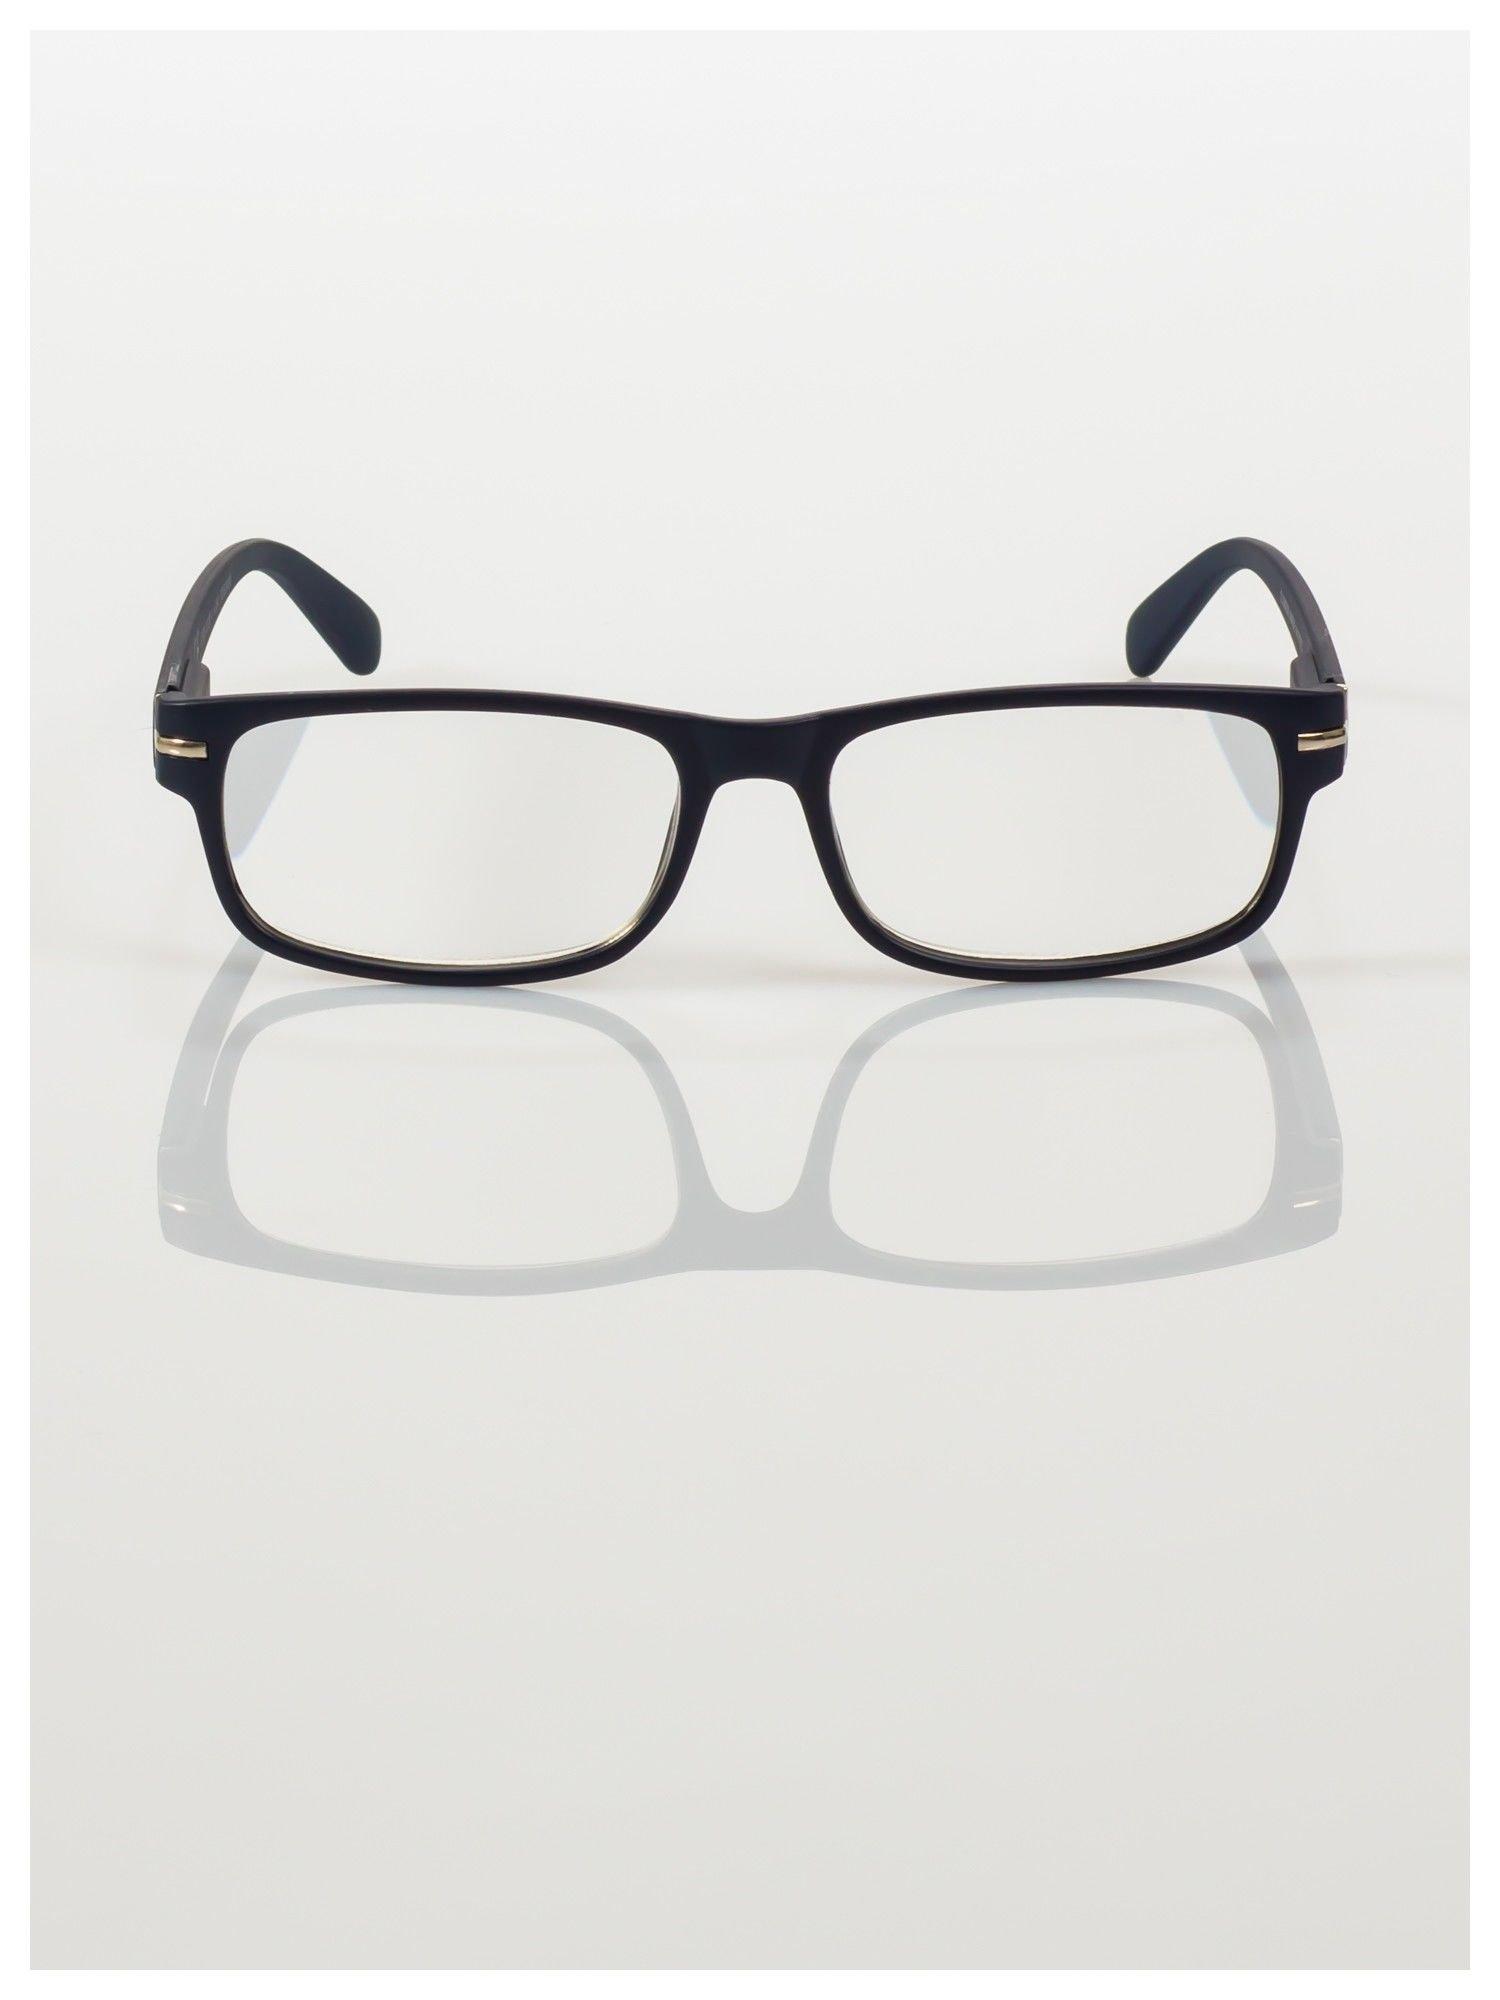 Eleganckie czarne matowe korekcyjne okulary do czytania +2.5 D  z sytemem FLEX na zausznikach                                  zdj.                                  2